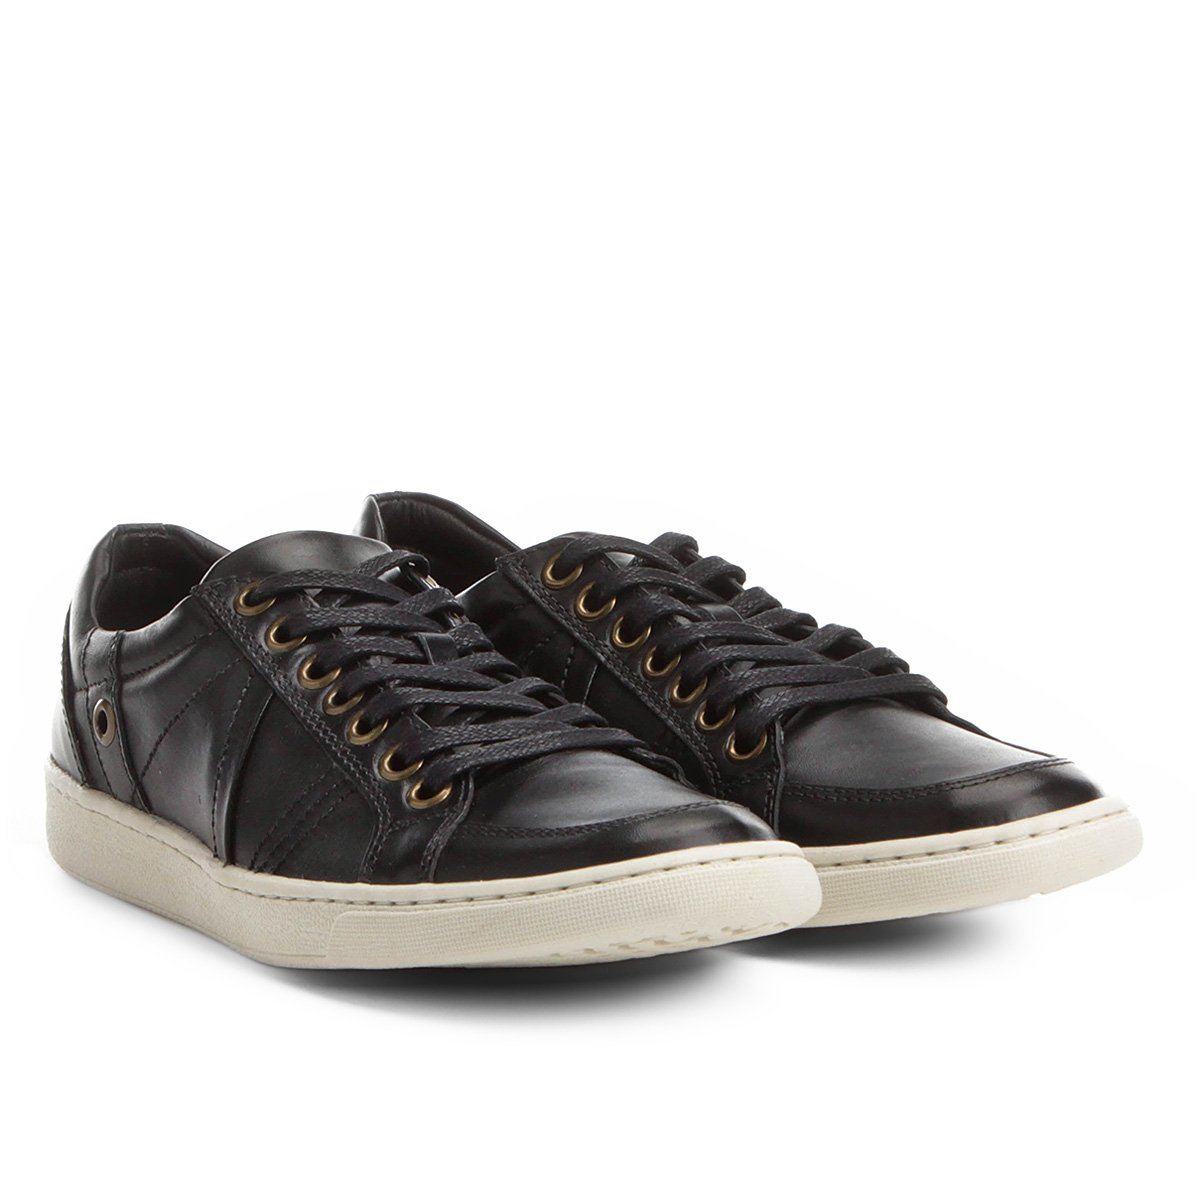 92f300c6ed Sapatênis Couro Shoestock Recortes Masculino - Preto | Shoestock